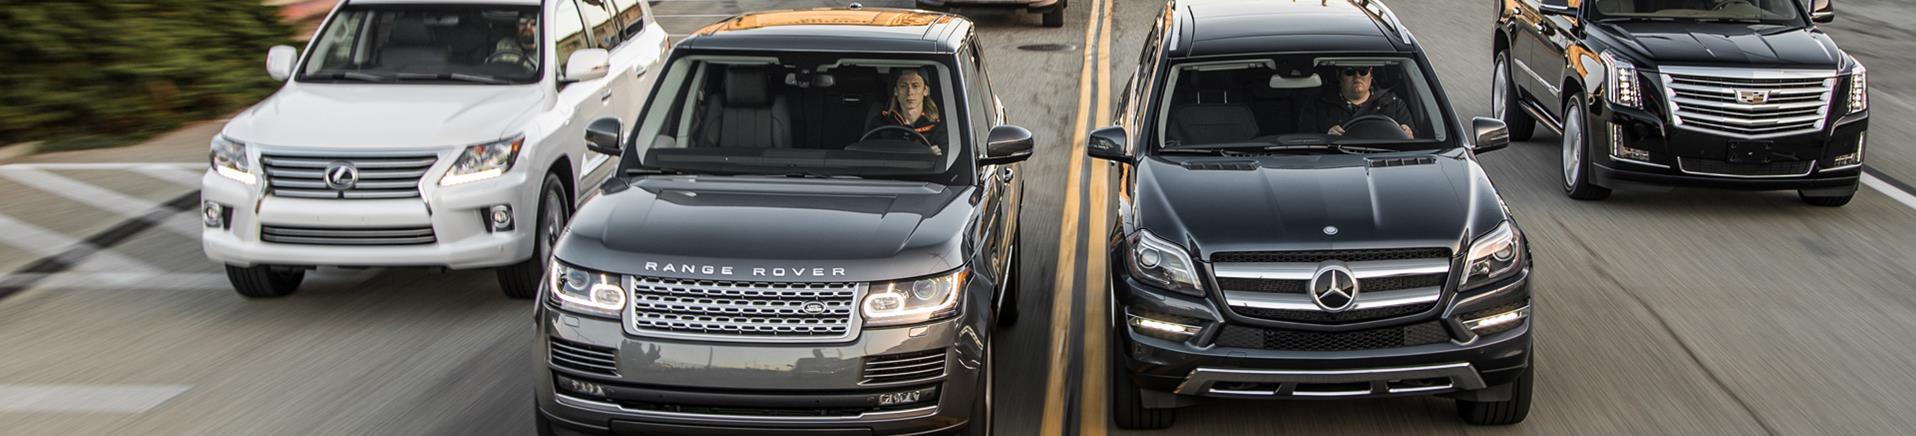 auto jaguar kaufen